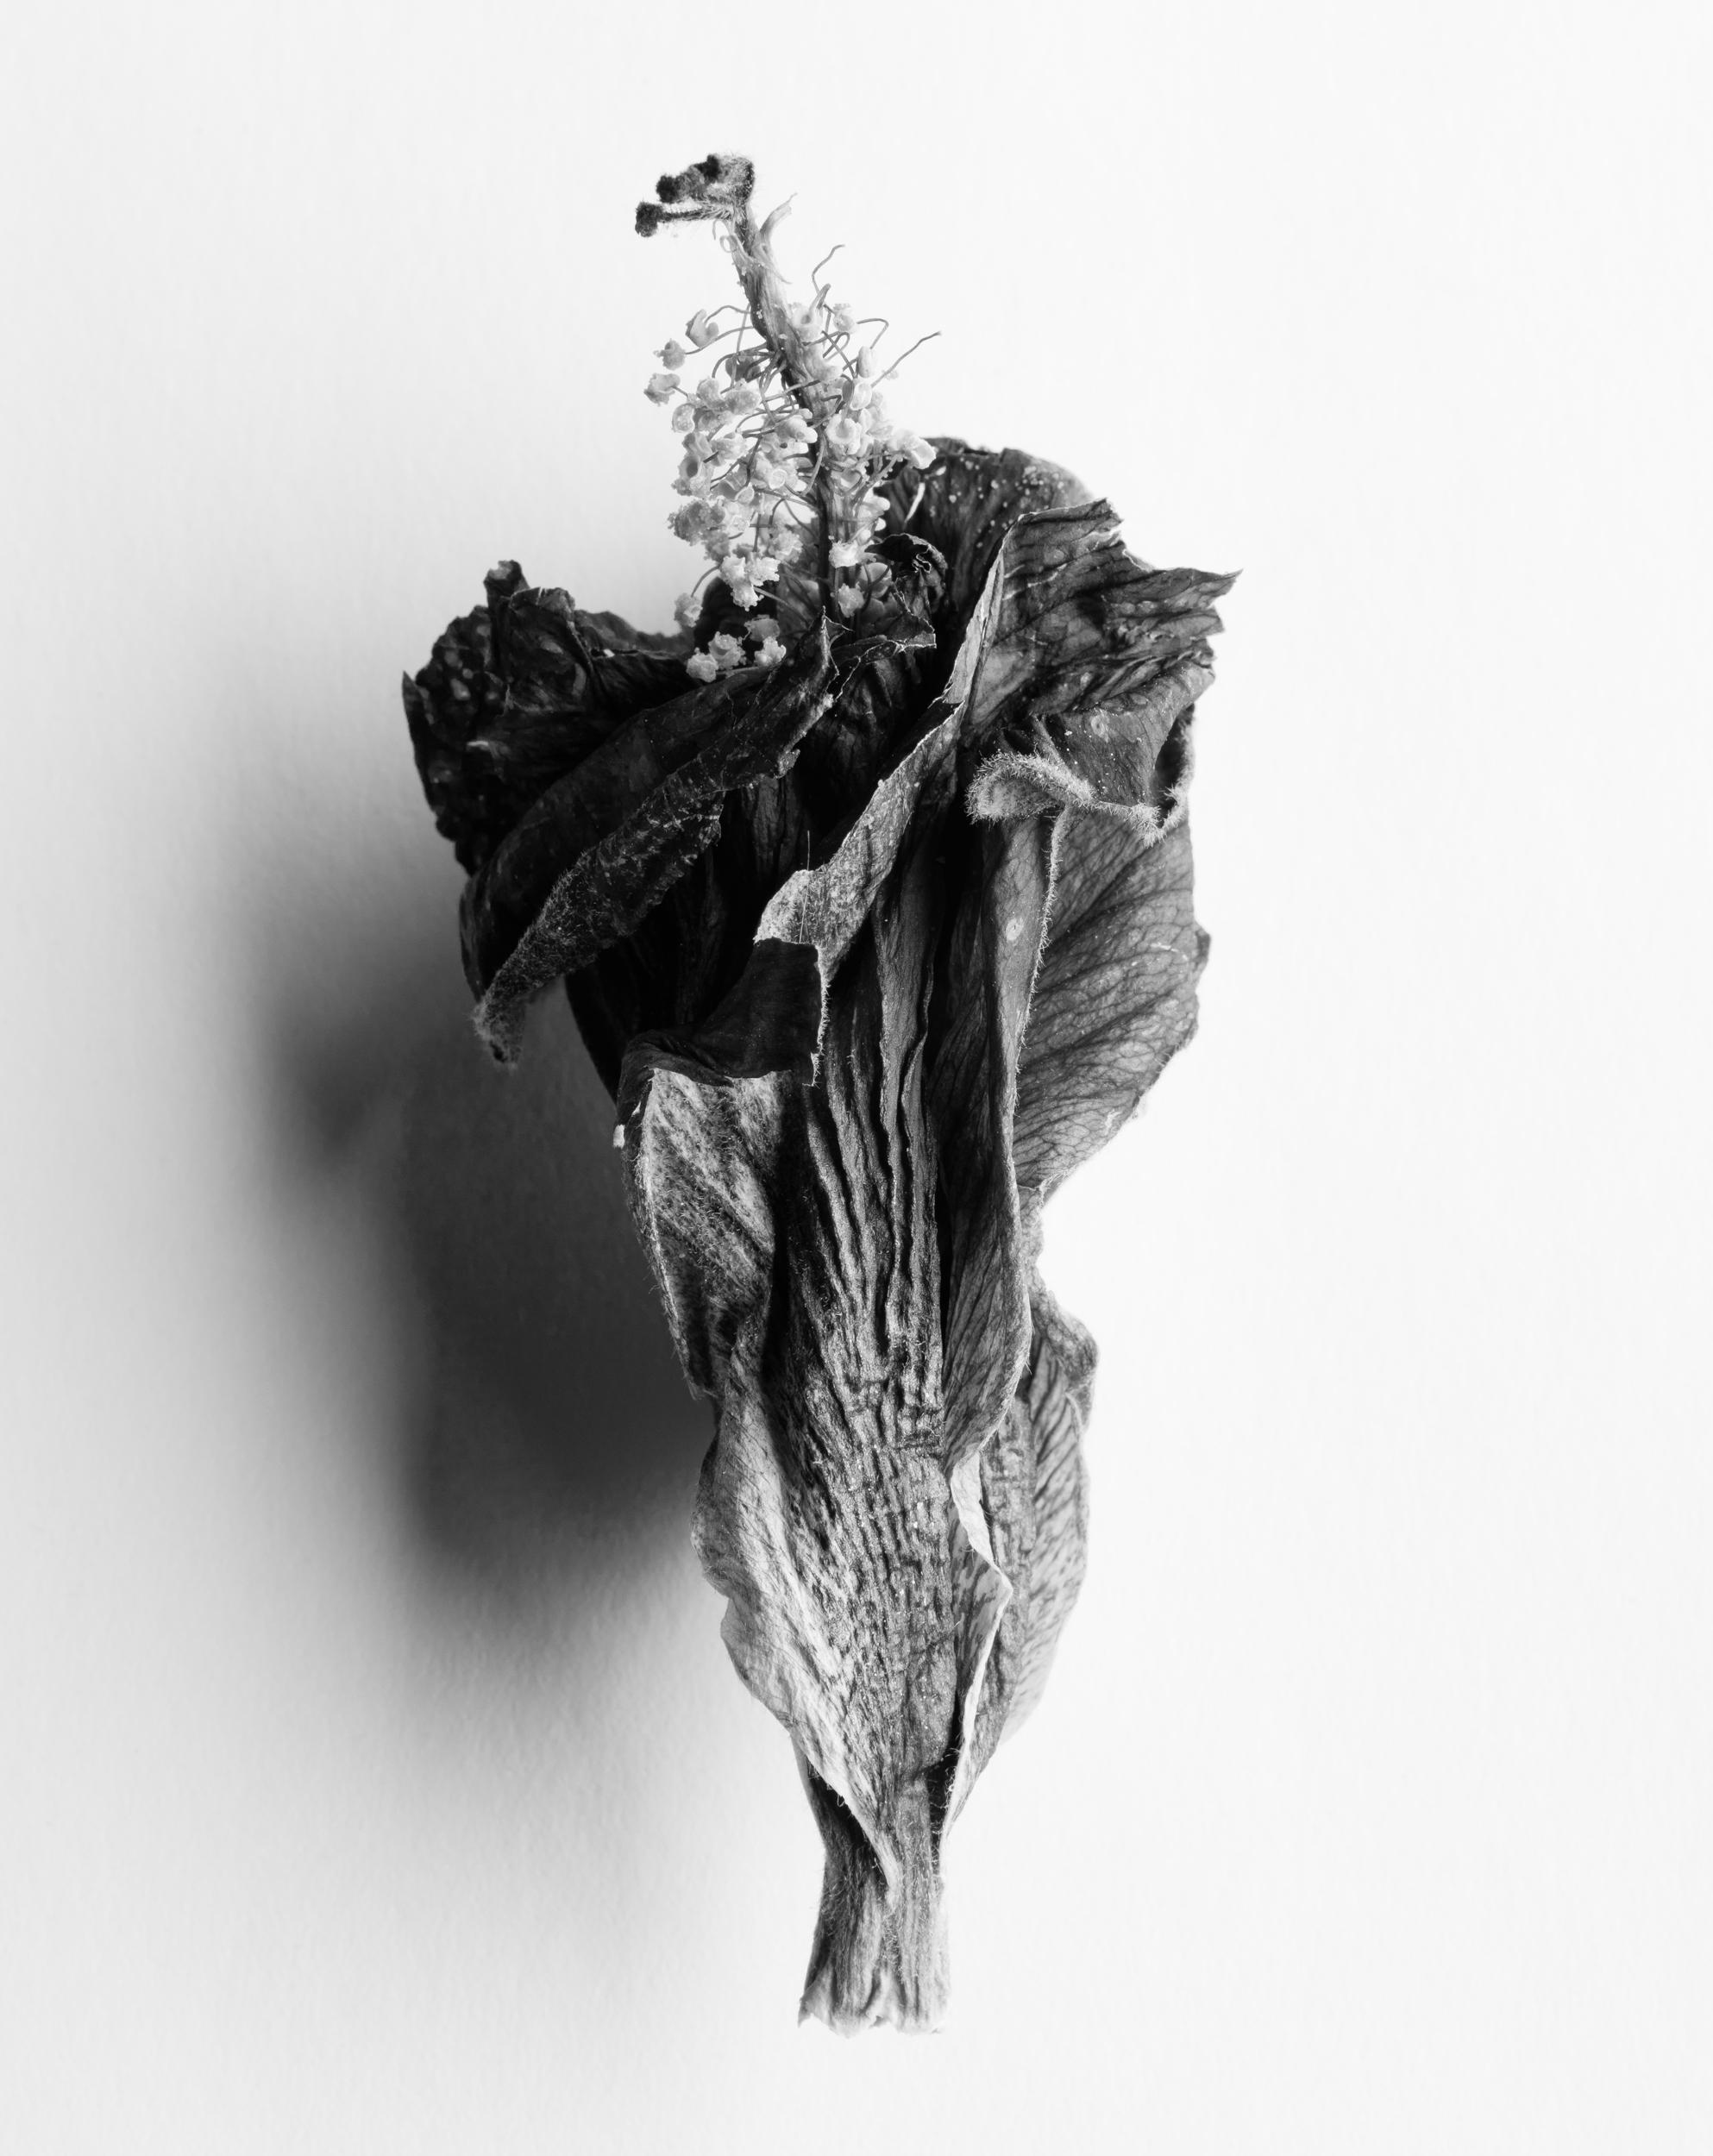 Hibiscus flower, 2018